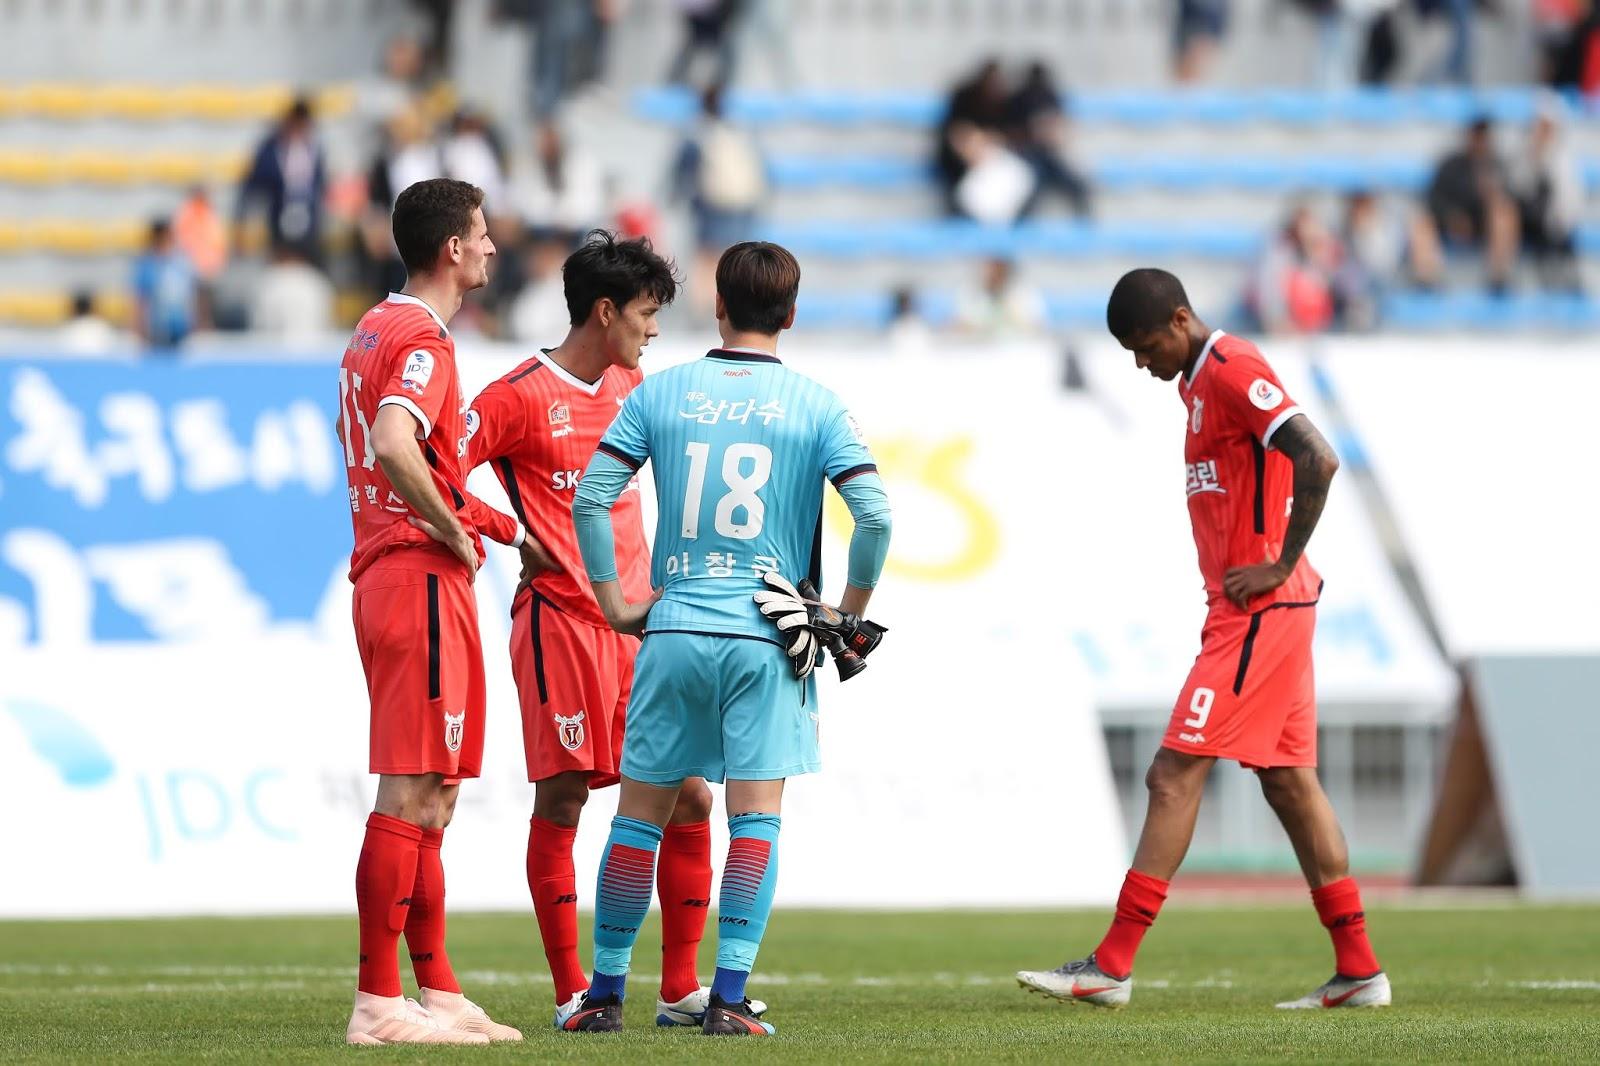 Preview: Jeju United vs Sangju Sangmu K League 1 Round 9